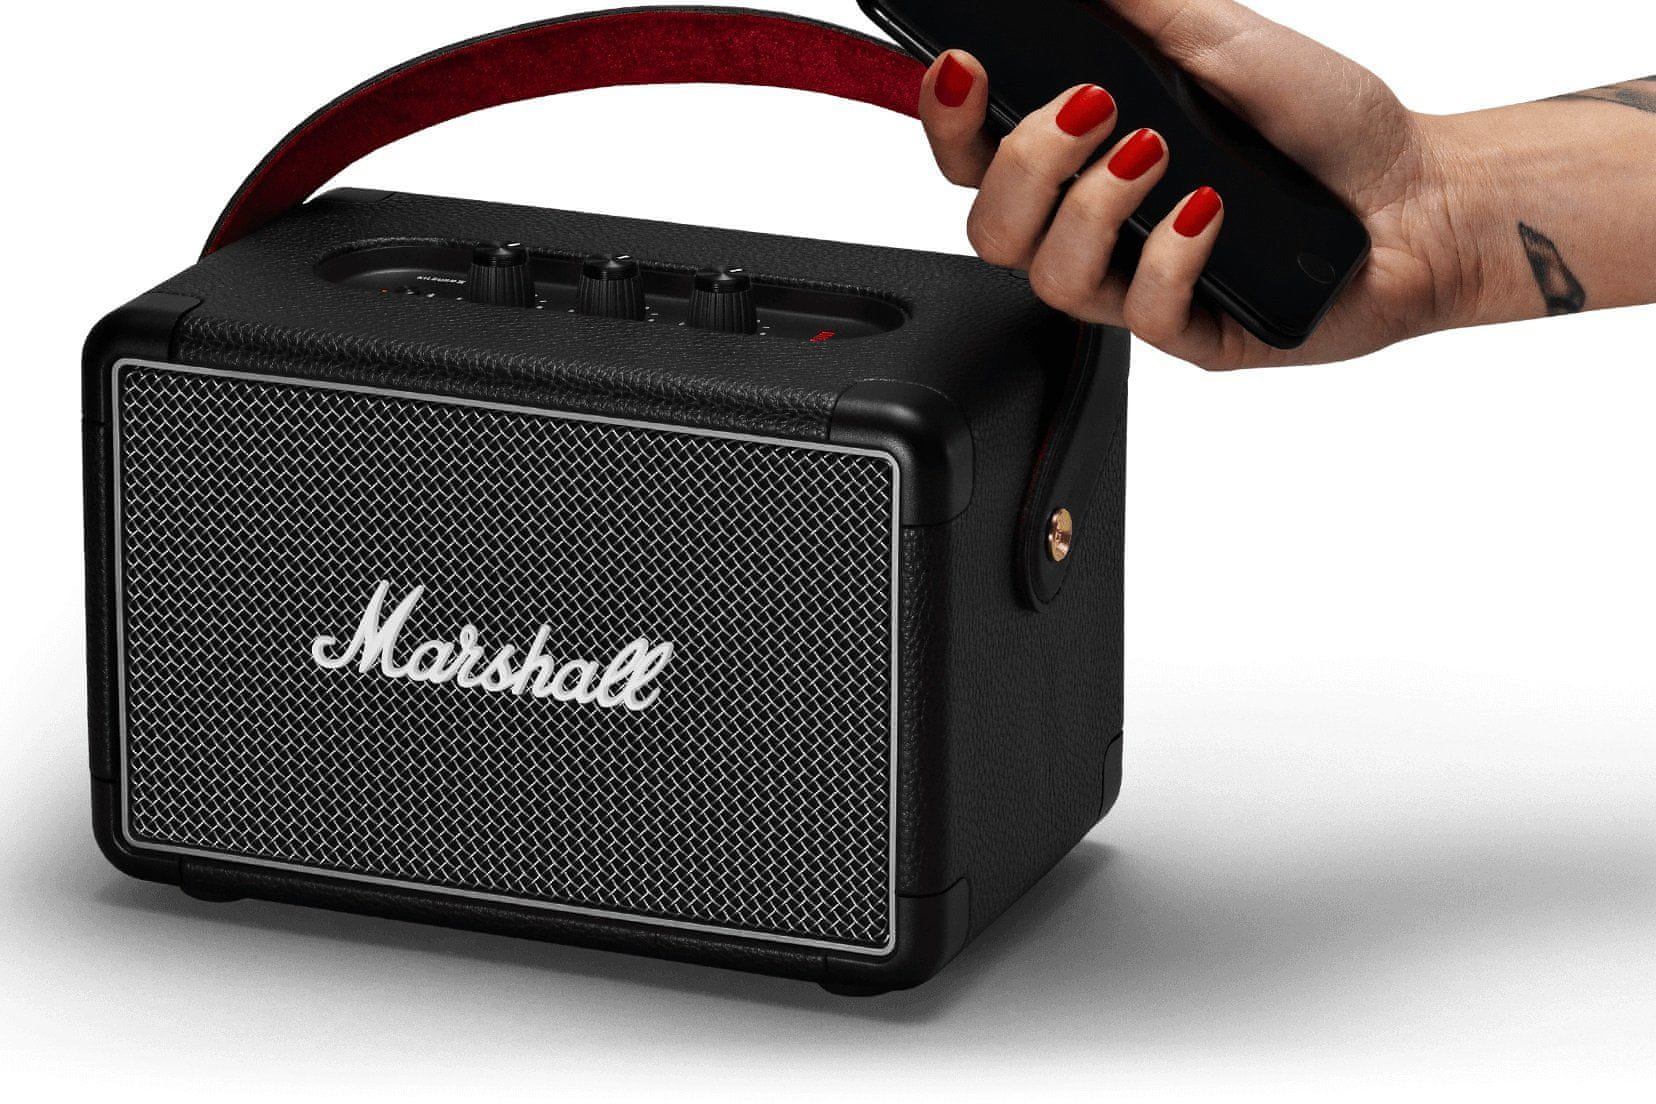 Bluetooth reproduktor Marshall Kilburn II mulithost spárování 2 zařízení najednou